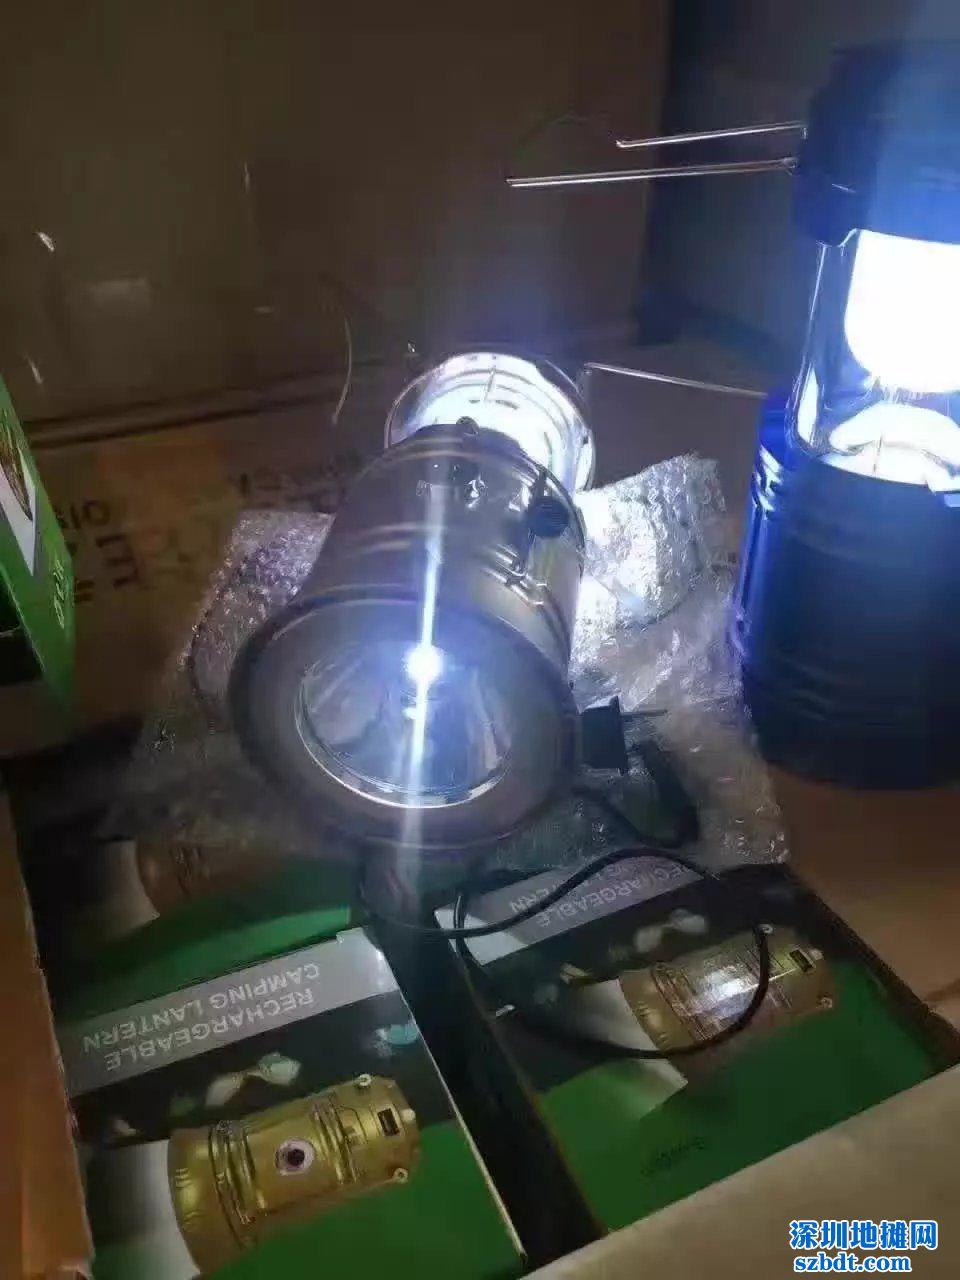 神奇马灯! 插电太阳能都可以充电